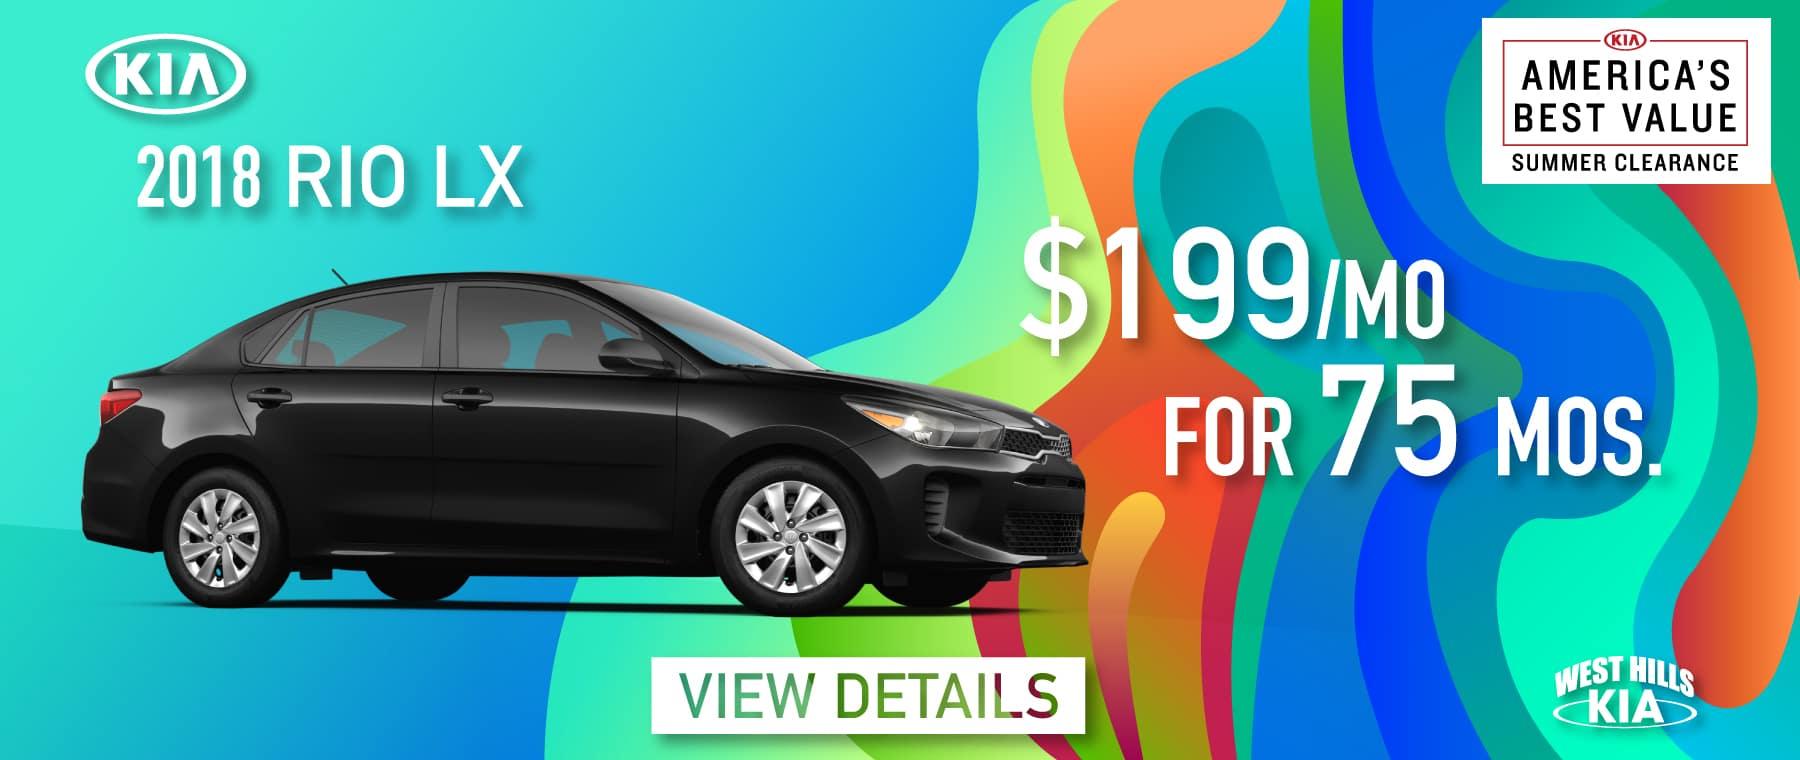 2018 Kia Rio LX Purchase for $199/mo. For 75 mos.*